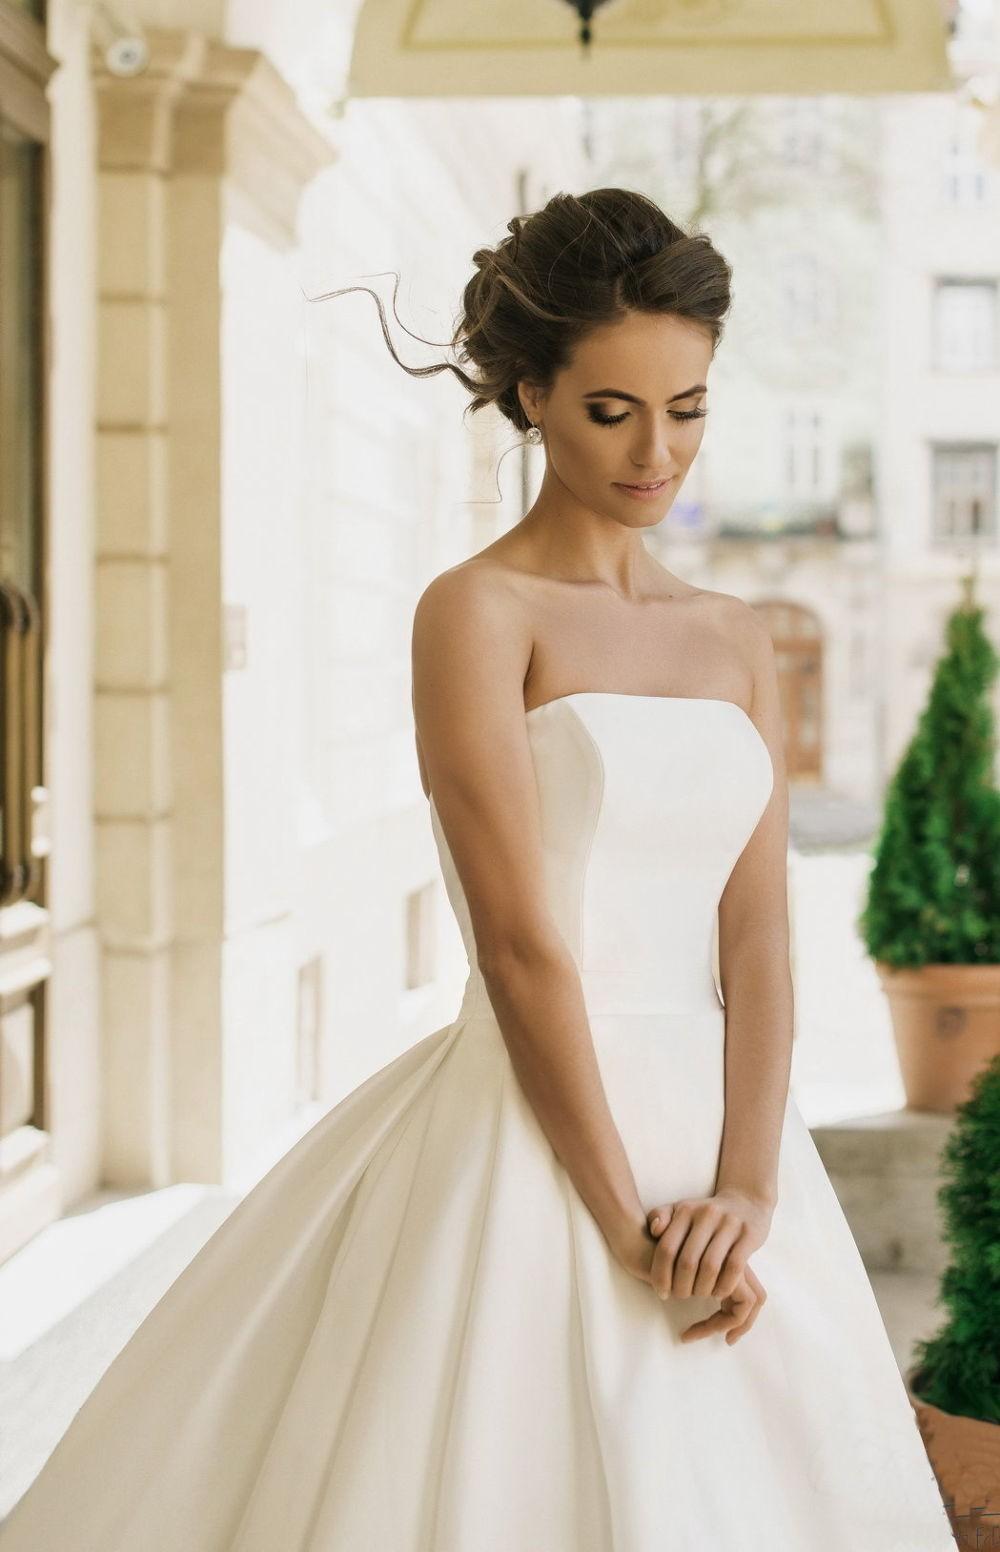 свадебная мода 2018 платье без плеч белое